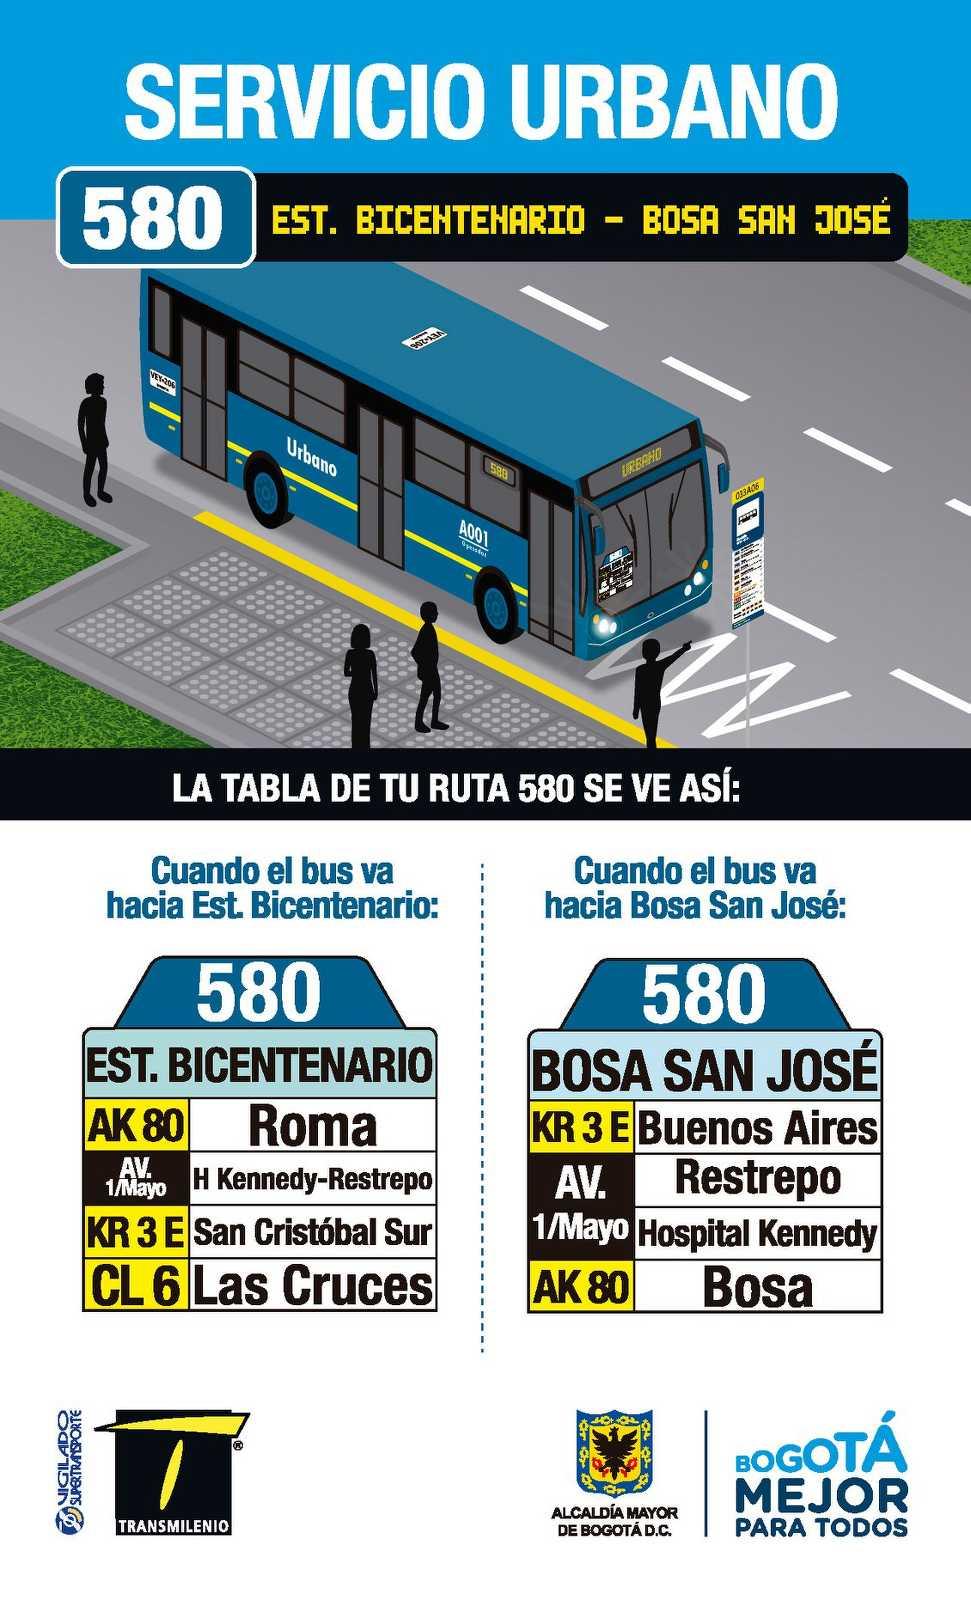 580 > Estación Bicentenario - Bosa San José (volante cara A)